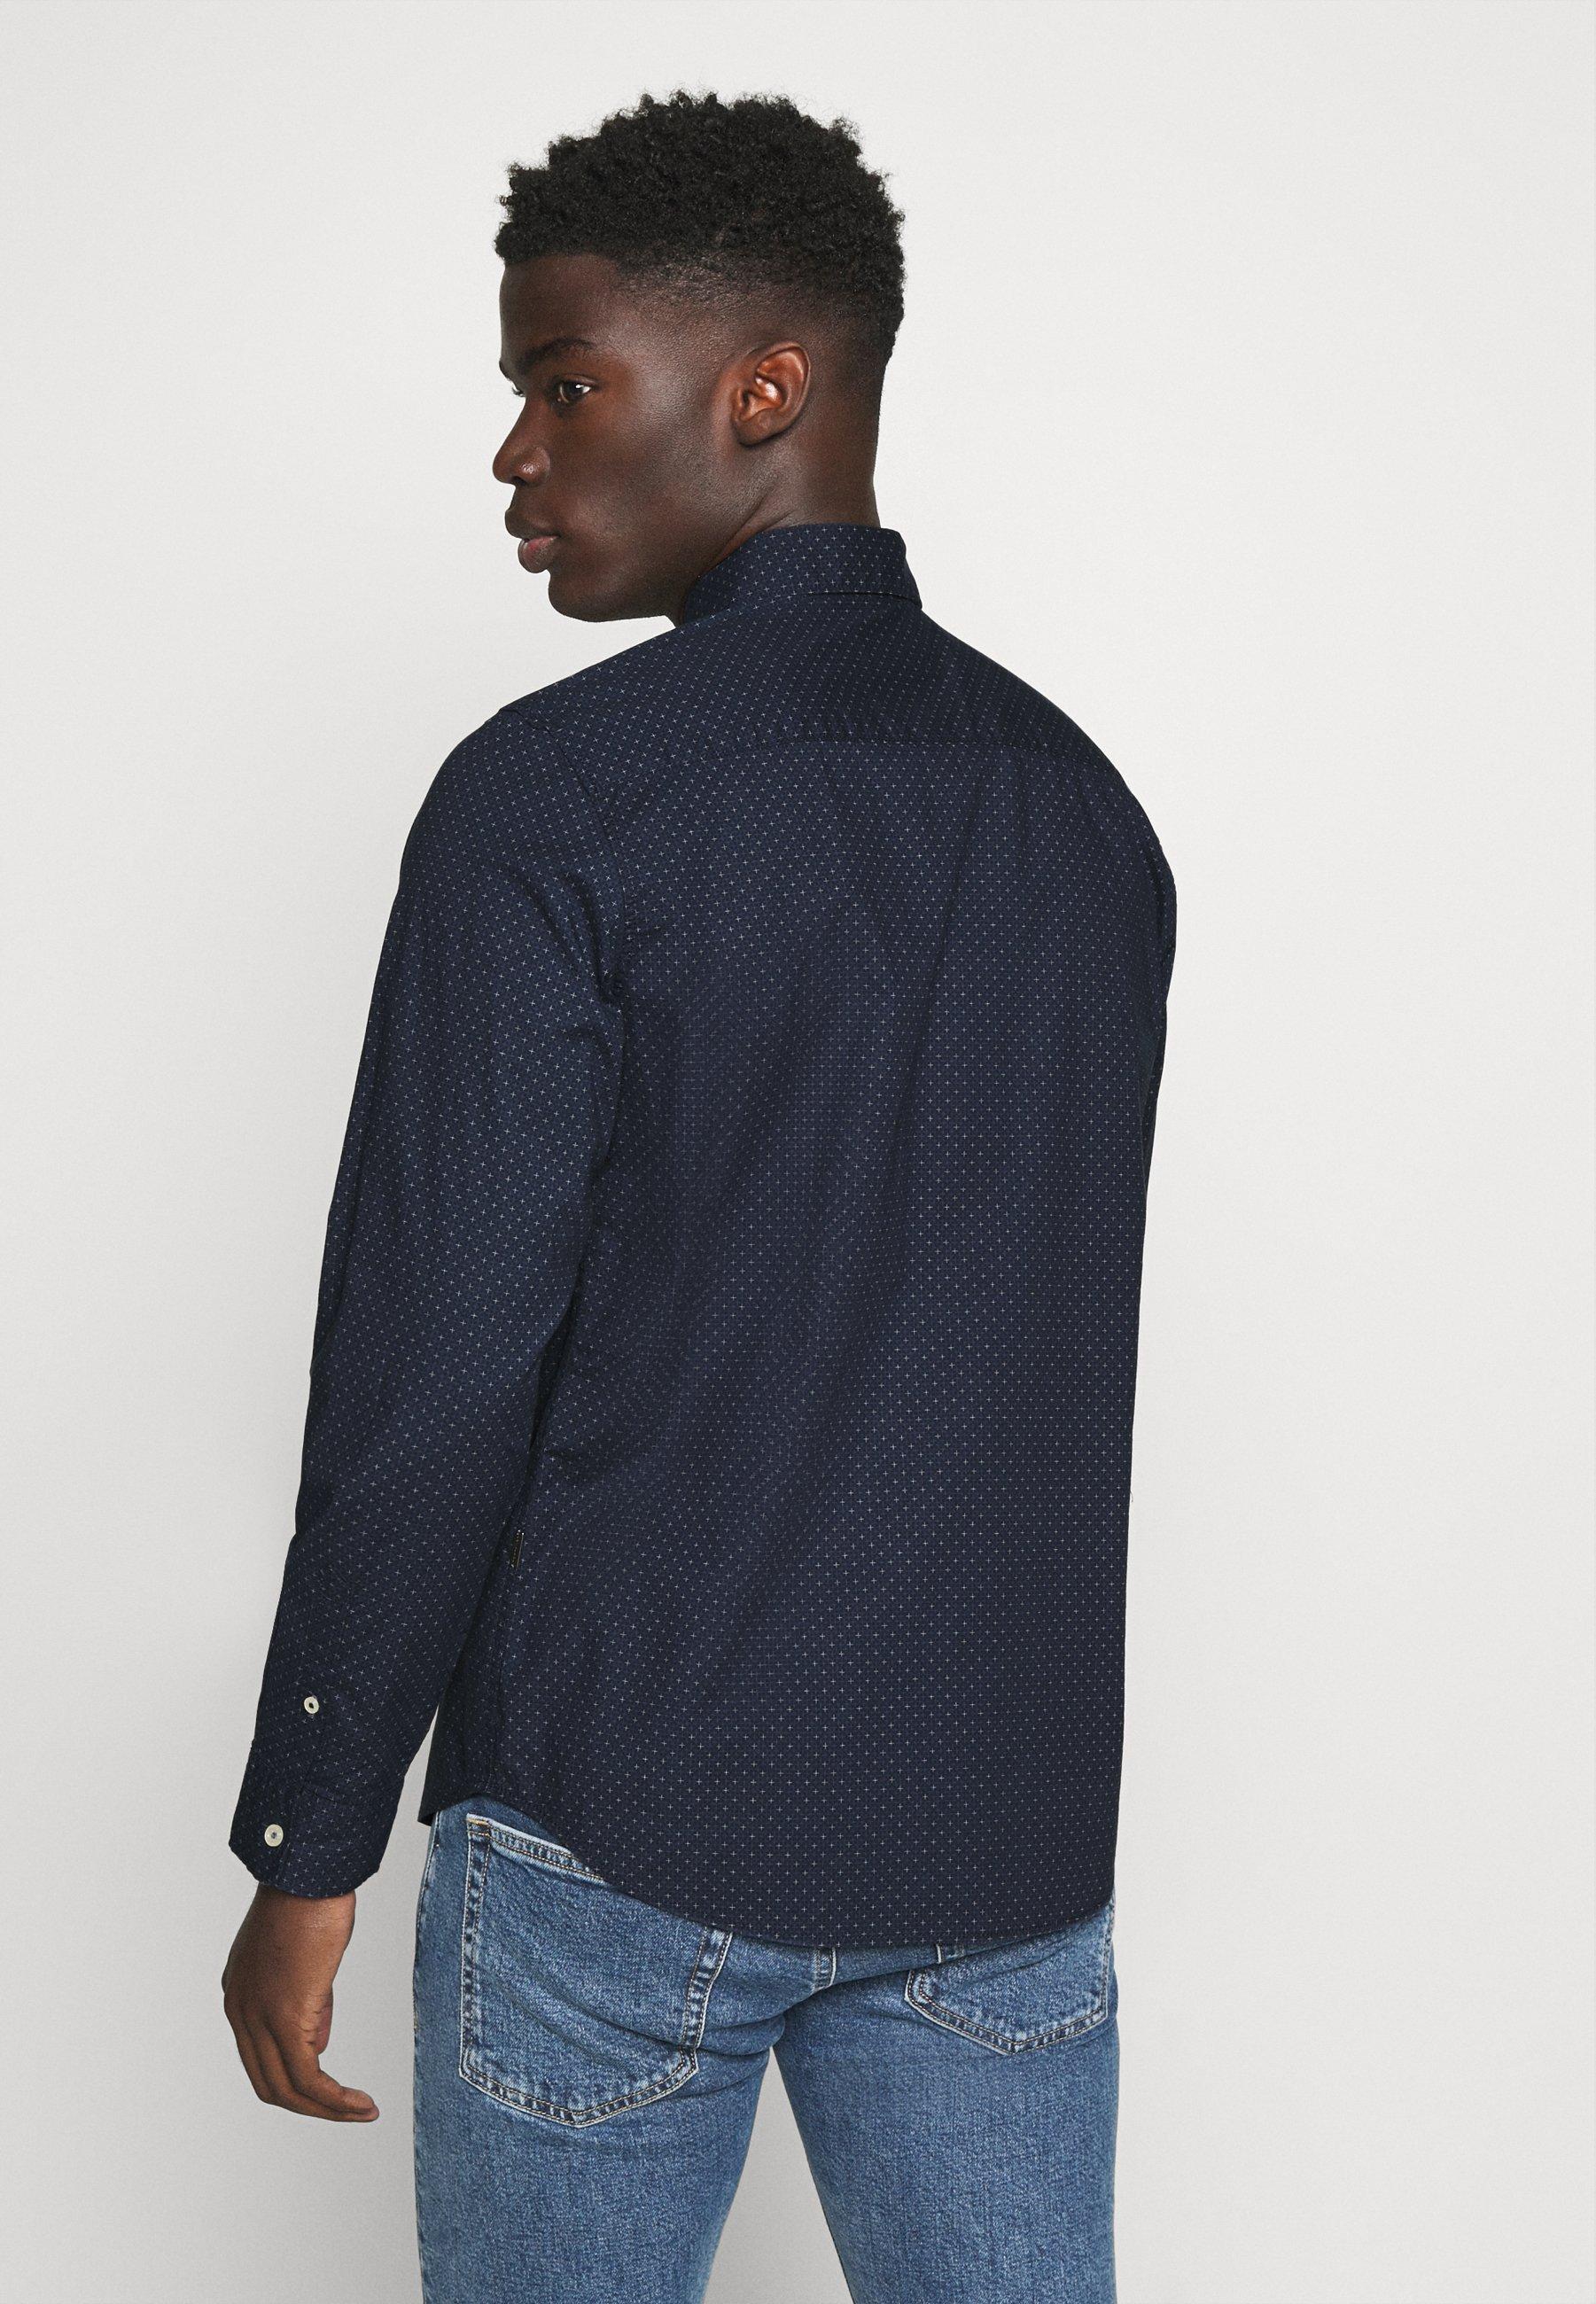 TOM TAILOR REGULAR PRINTED Skjorte blue Zalando.no